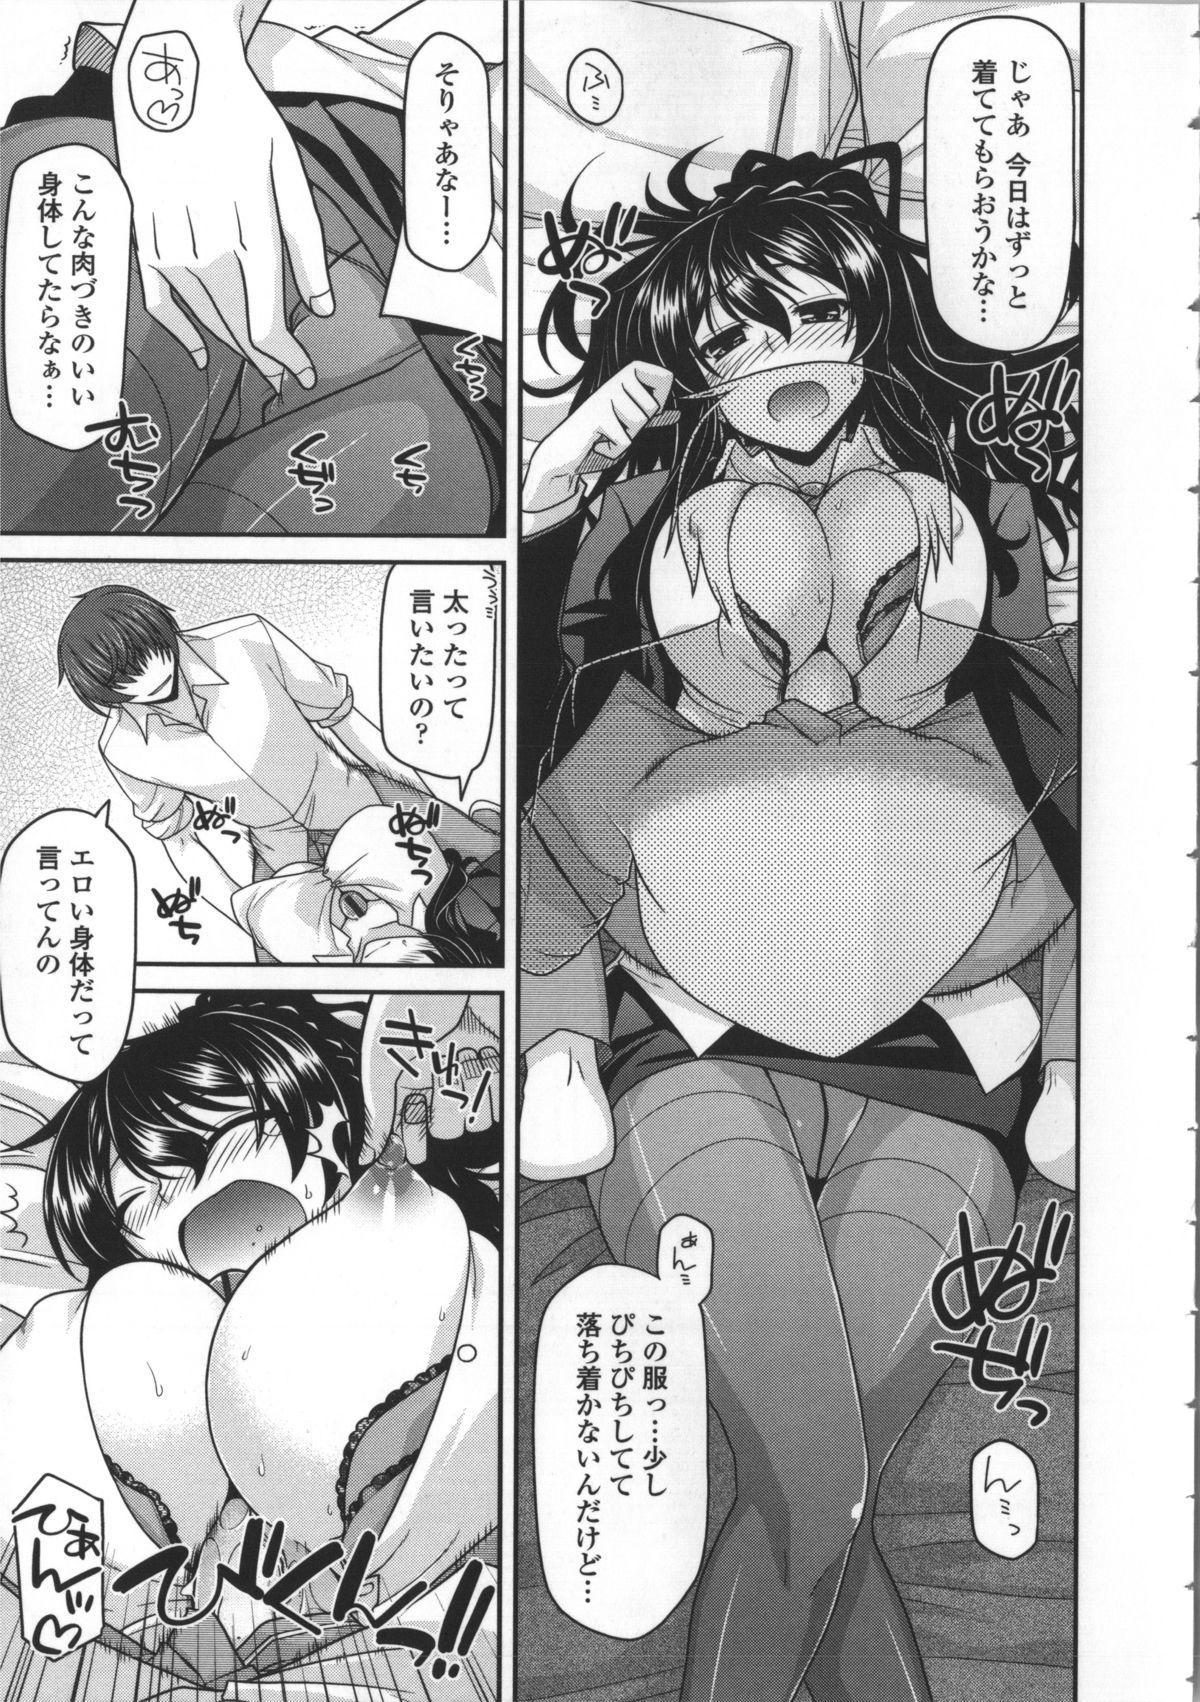 Yamato Nadeshiko Breast Changes 138